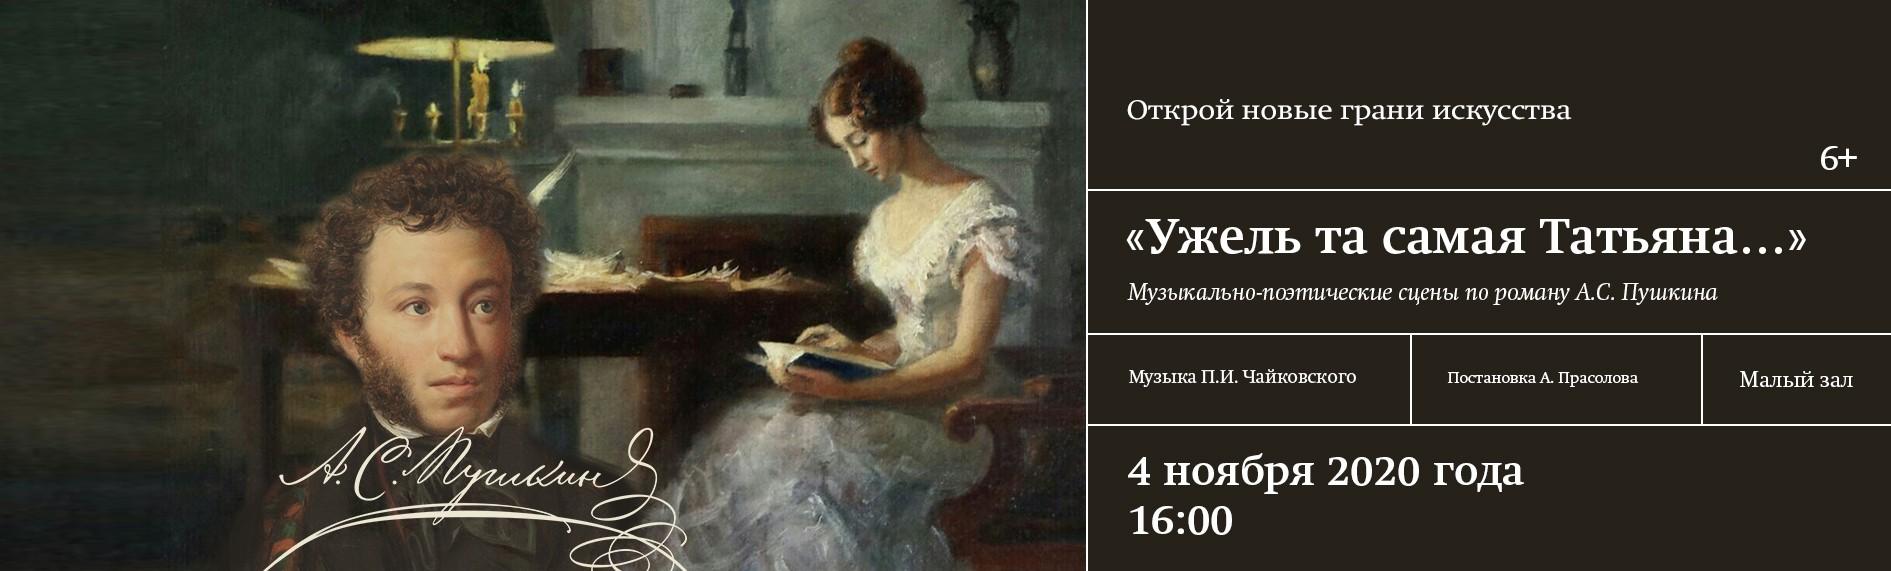 """Музыкально-поэтические сцены в двух действиях """"Ужель та самая Татьяна..."""""""